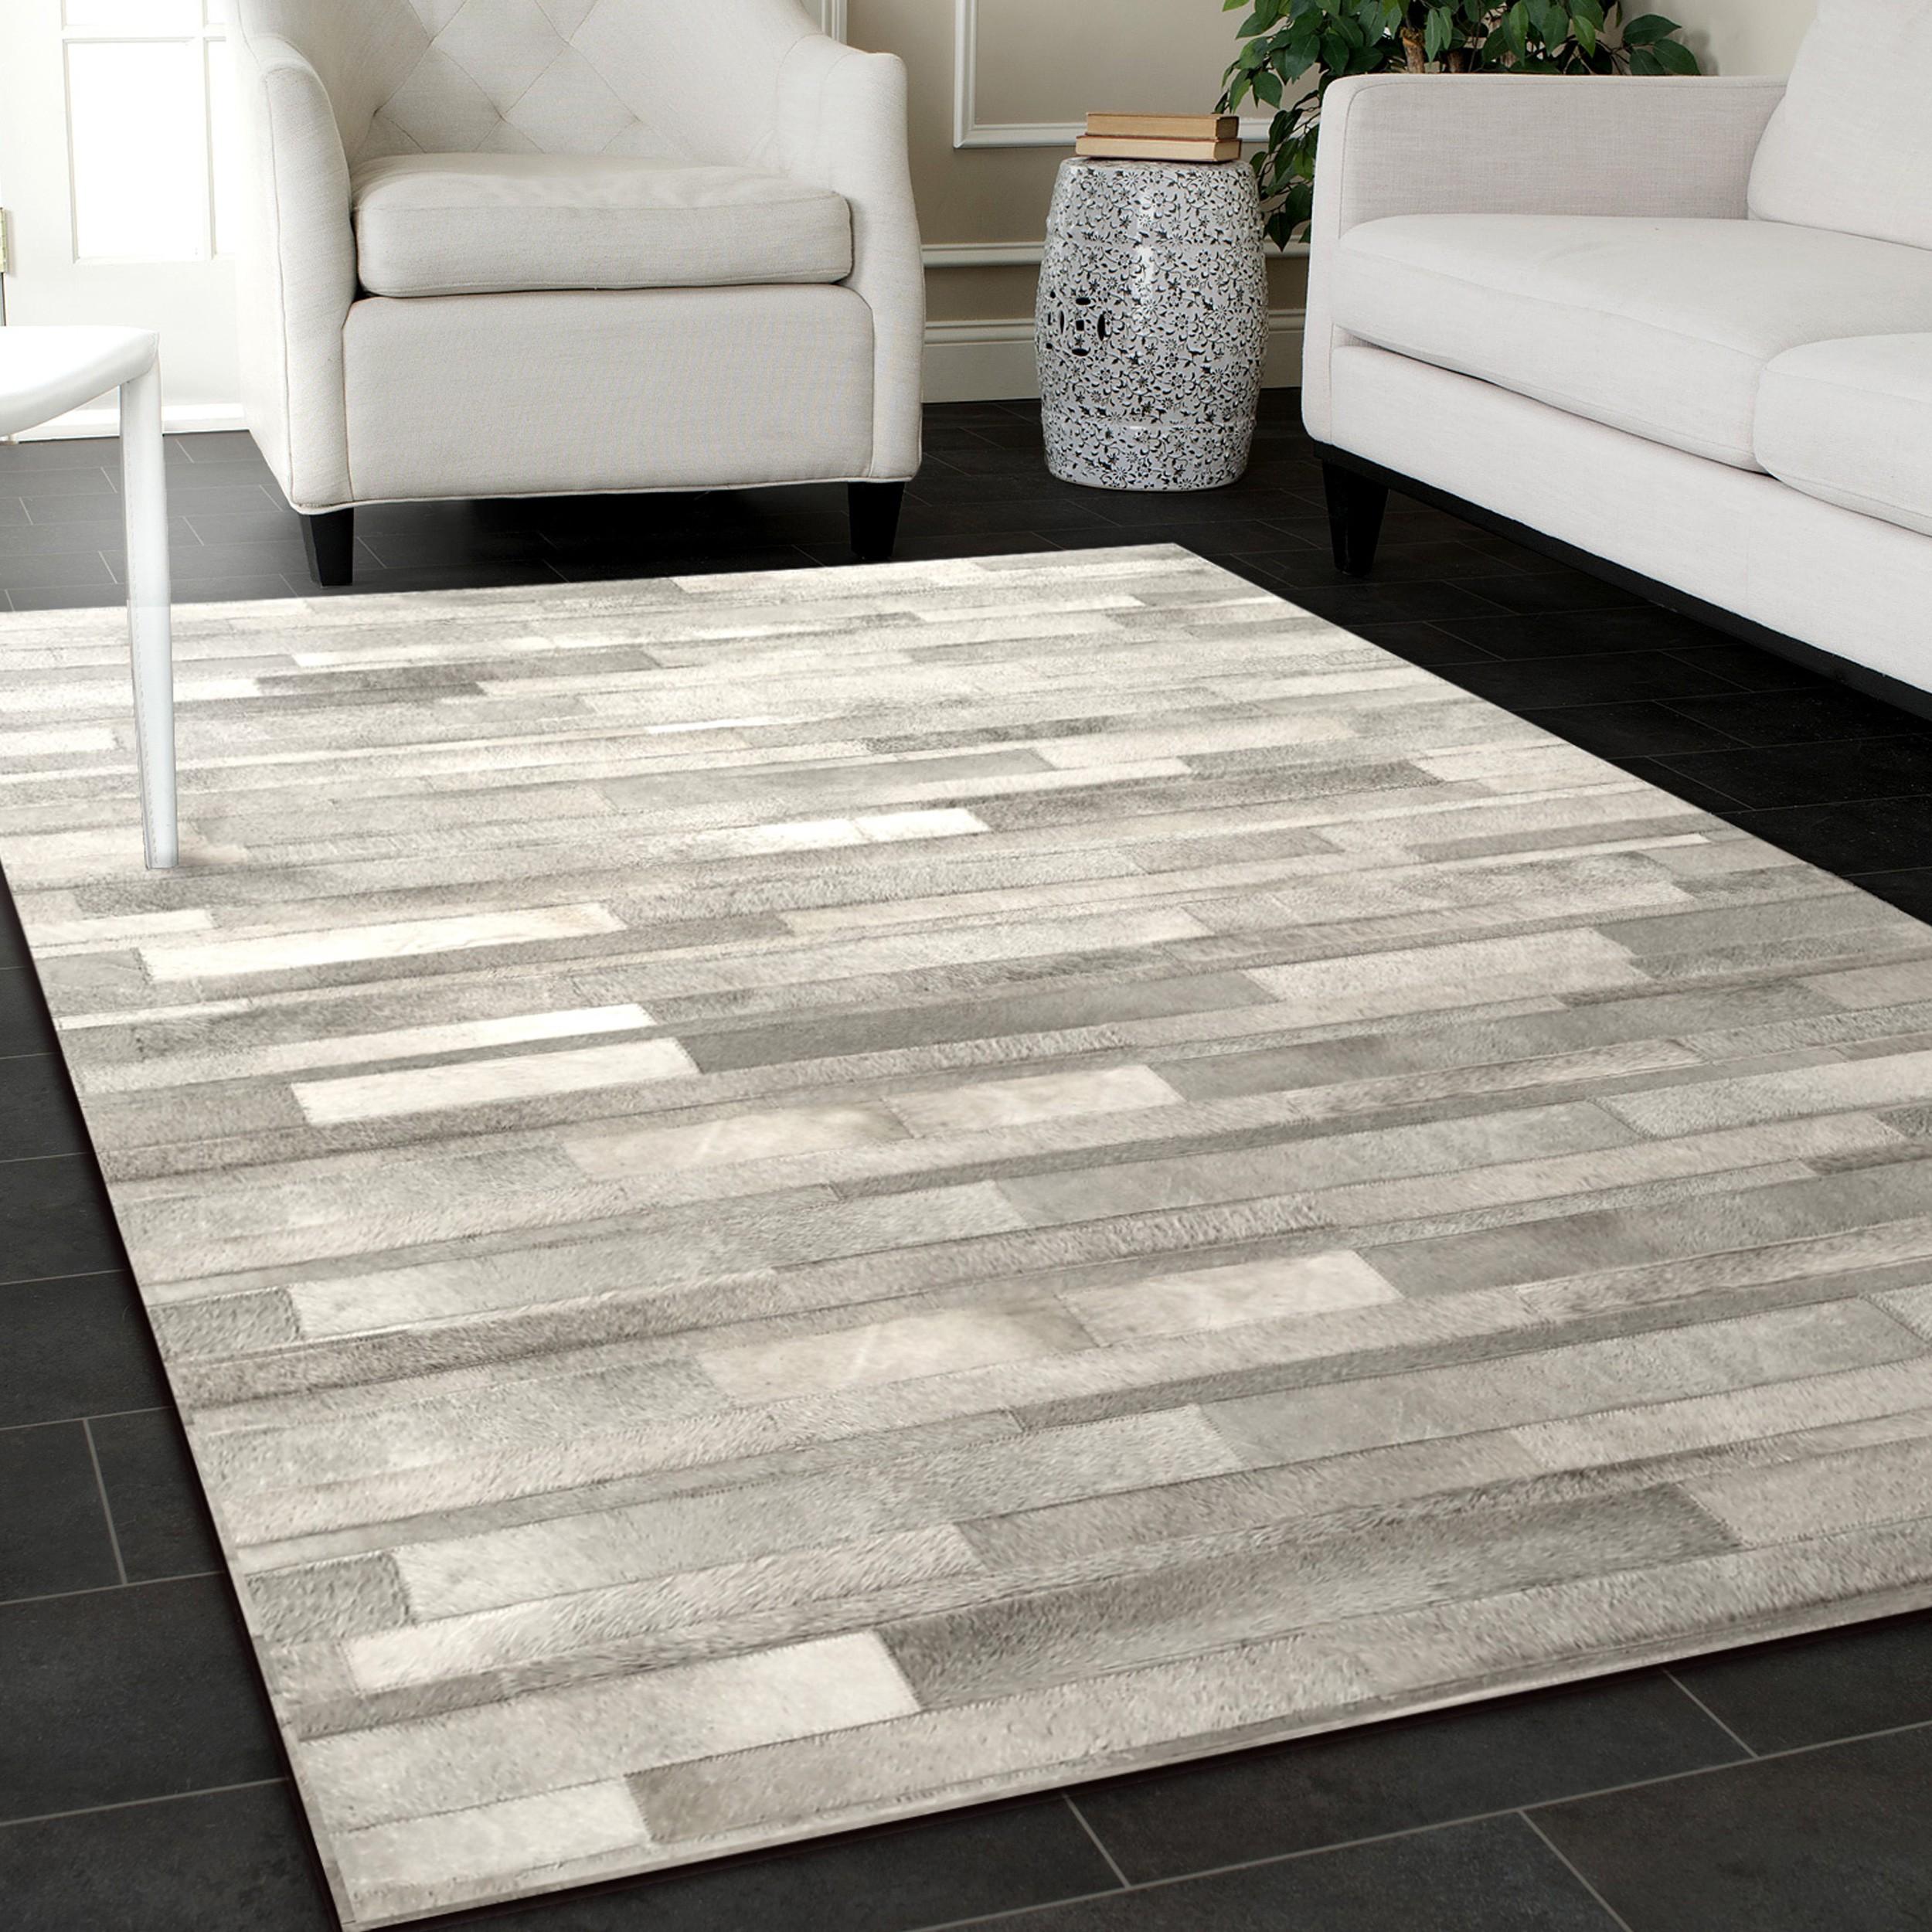 tapis cuir vivek gris 140x200 cm commandez les tapis cuir vivek gris 140x200 cm design rdv d co. Black Bedroom Furniture Sets. Home Design Ideas